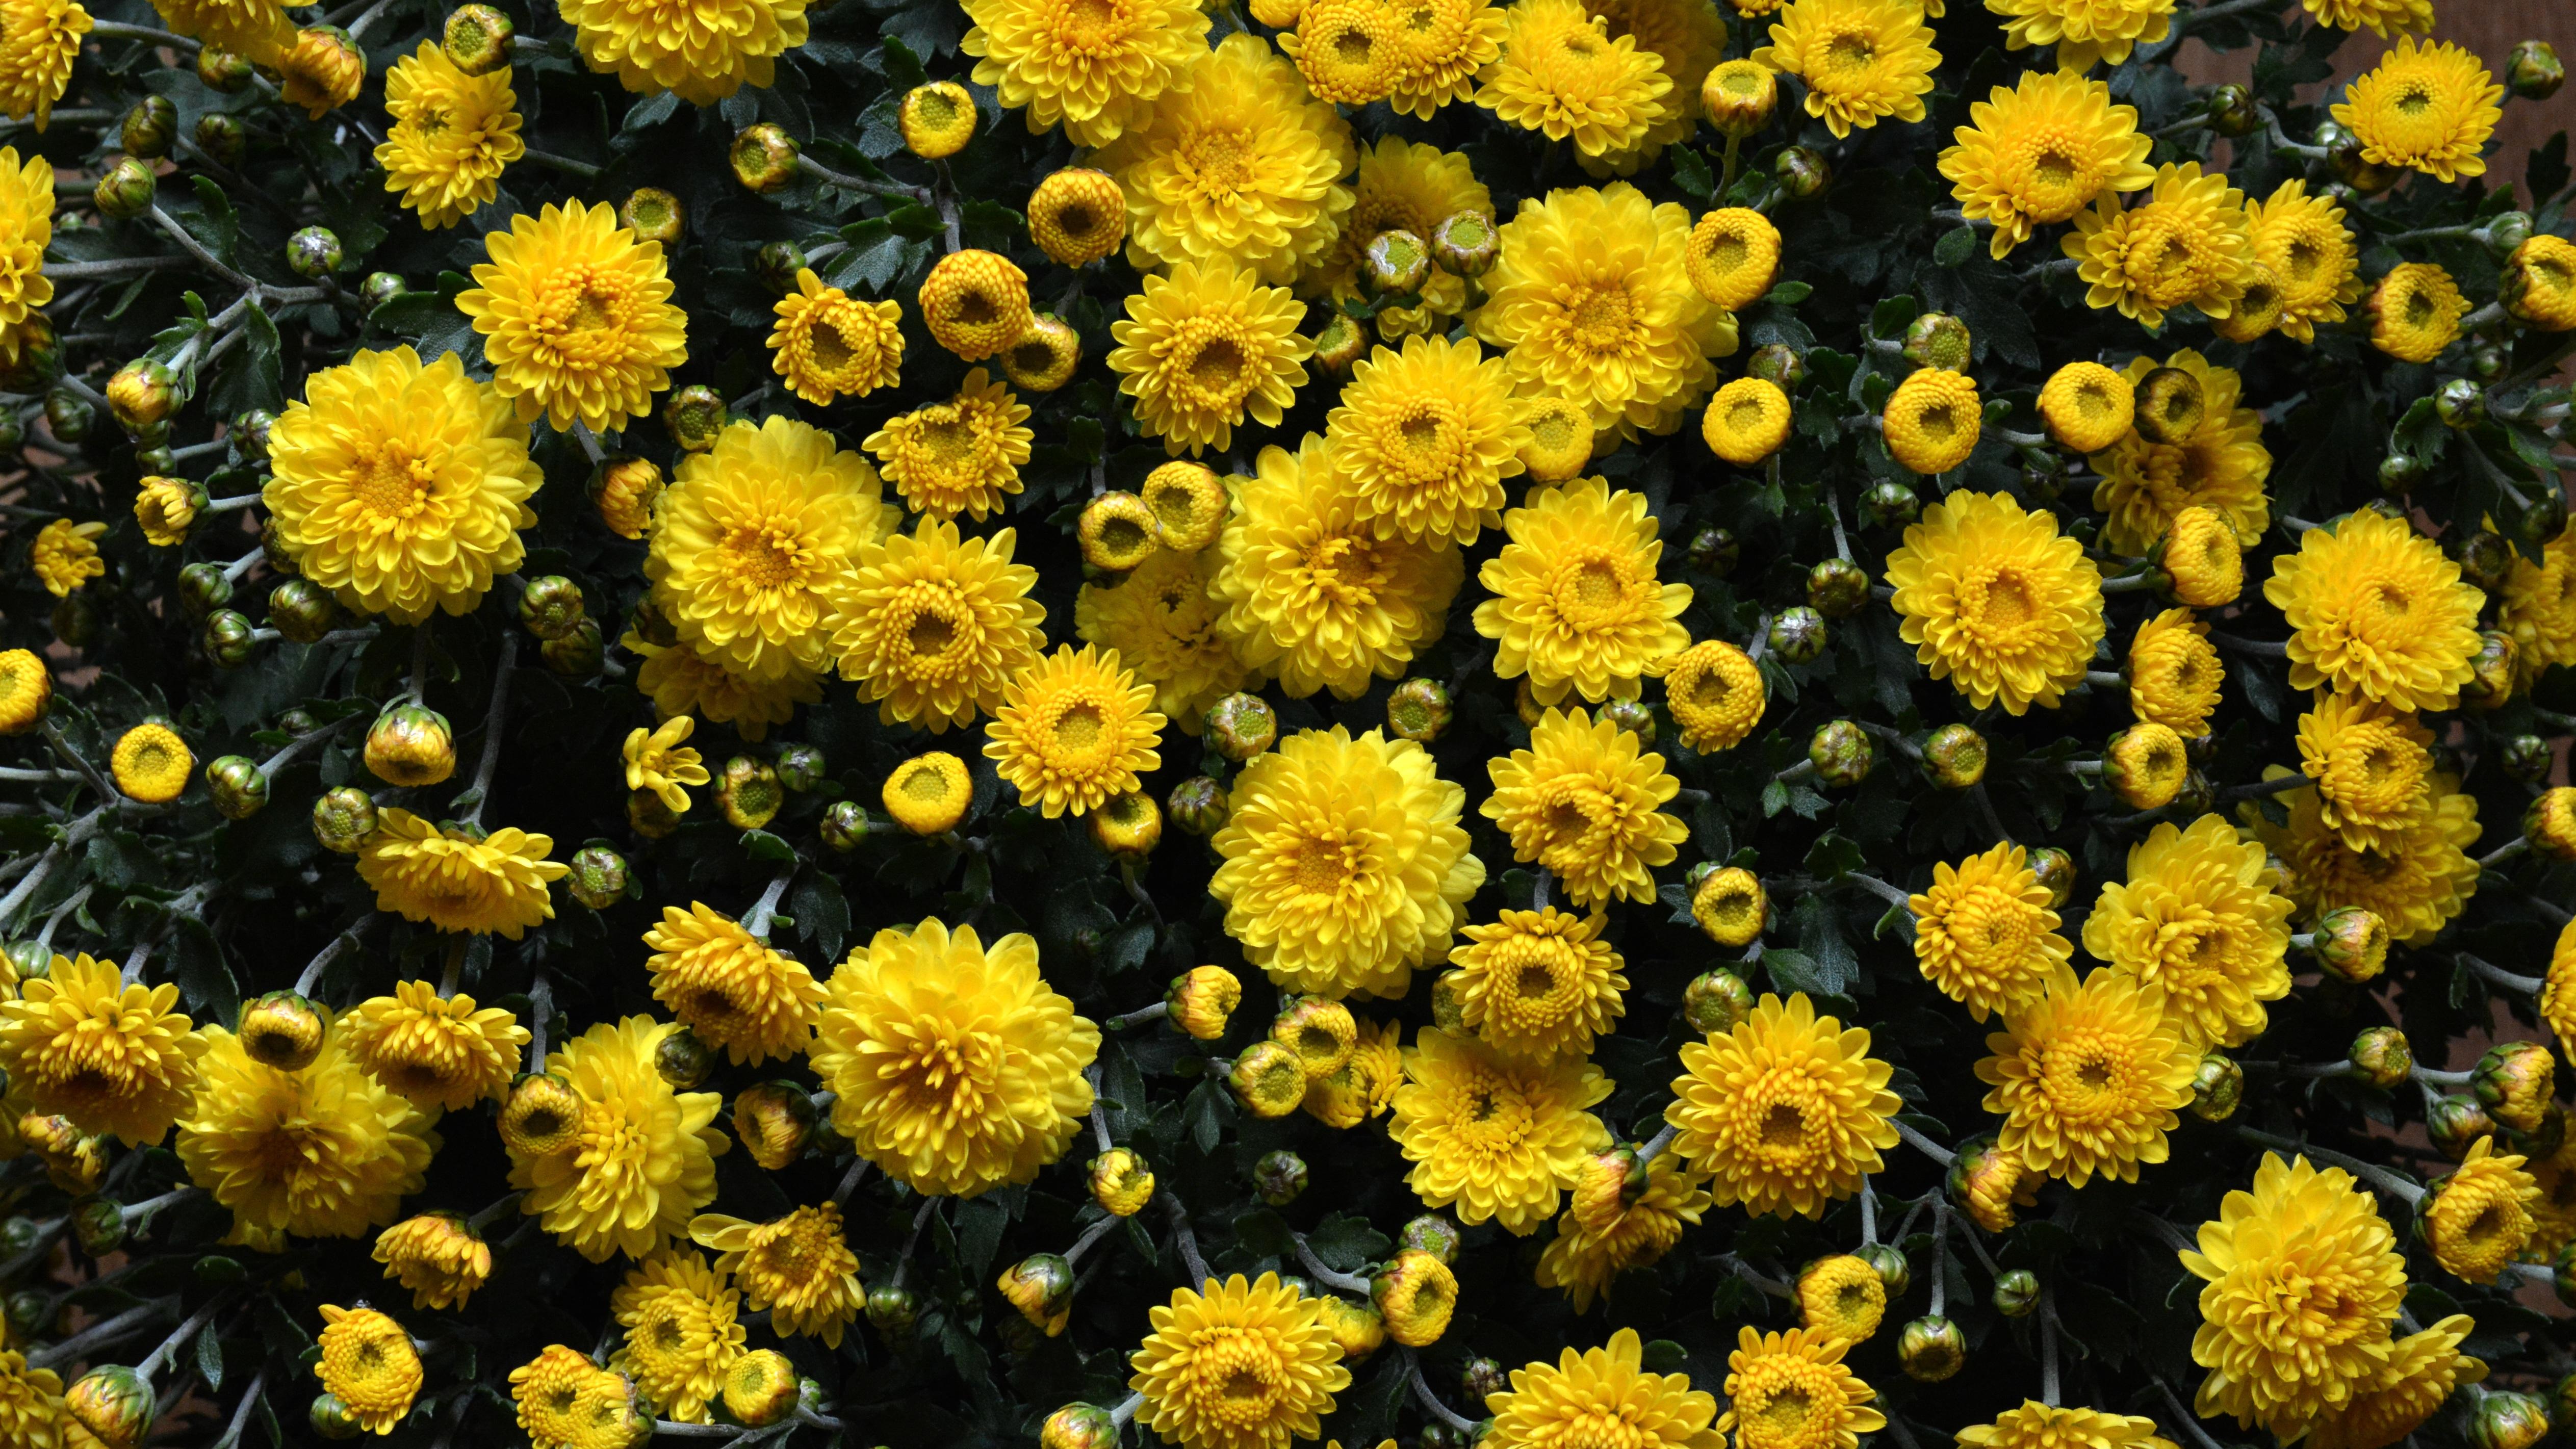 обои для рабочего стола осенние цветы хризантемы № 1155187 загрузить